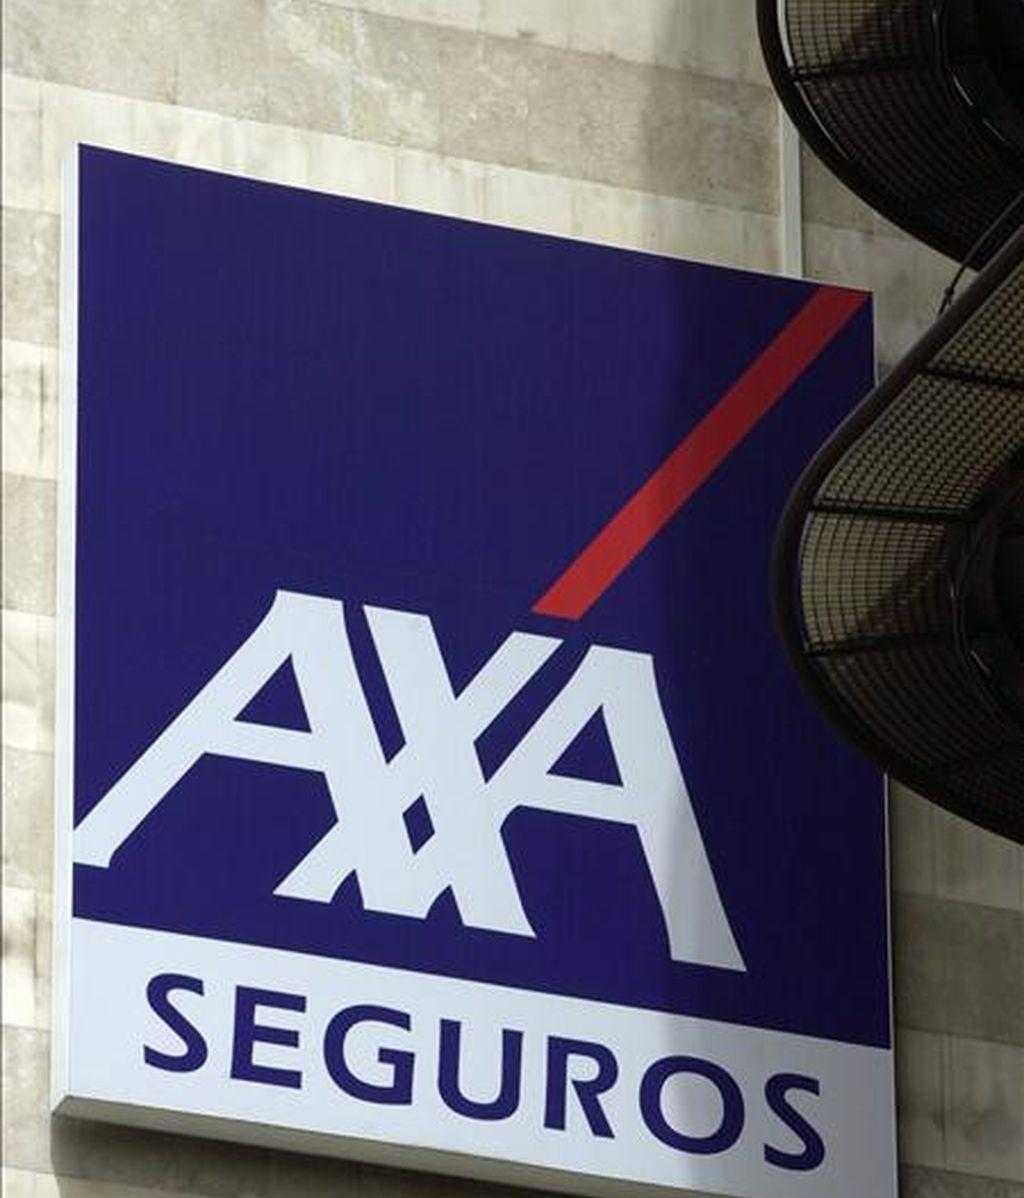 Logotipo de la Compañía de Seguros Axa Seguros, en su sede de Madrid. EFE/Archivo